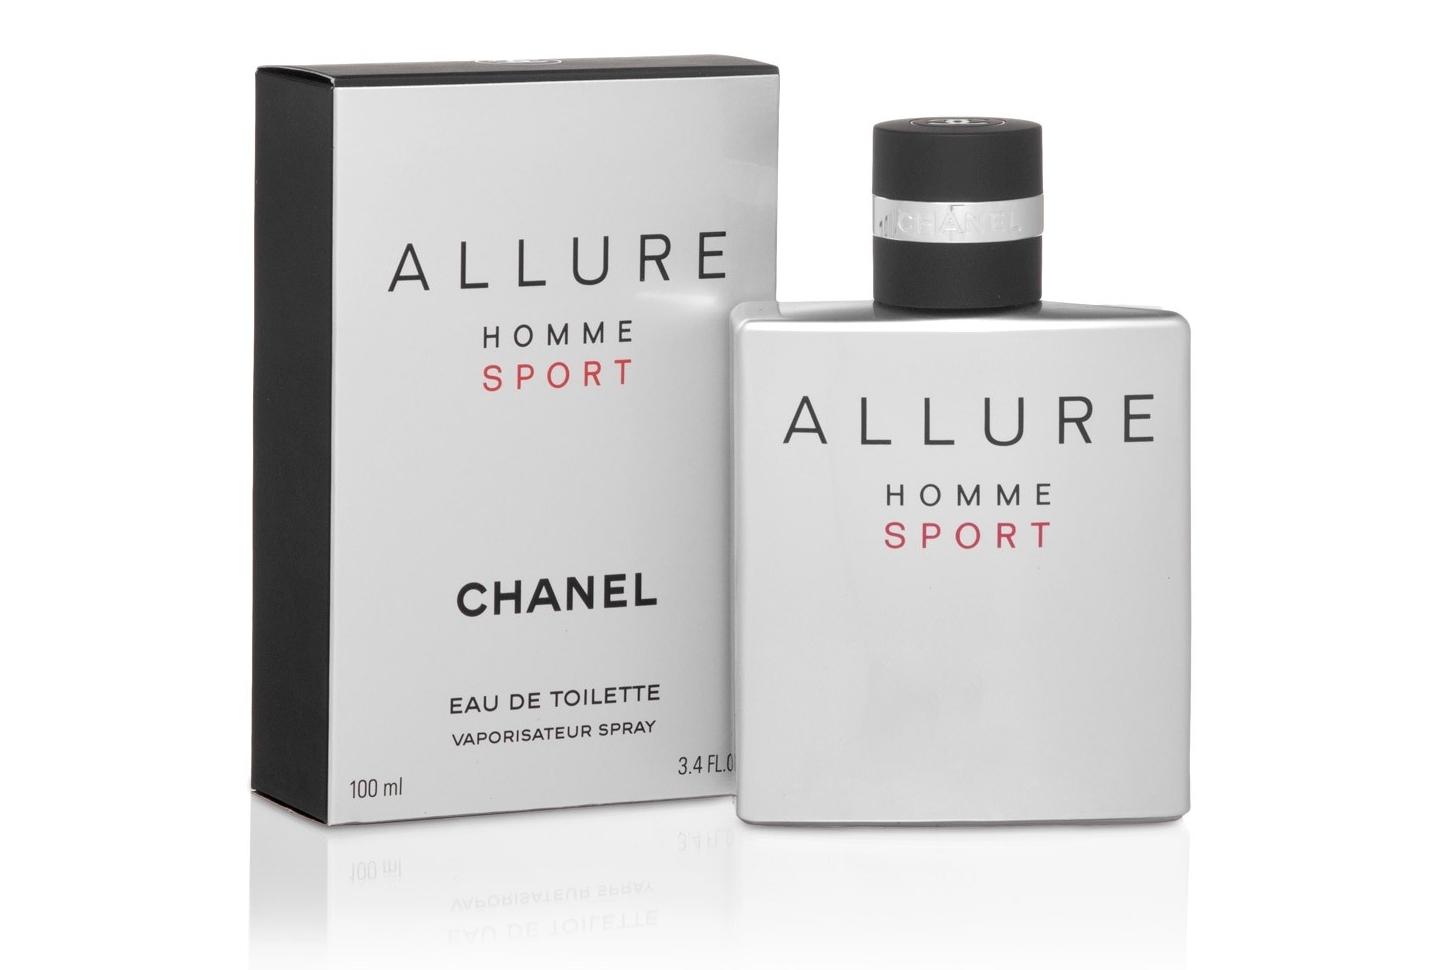 Chanel Allure Homme Sport- как прилив адреналина. Стиль, не имеющий границ! Оправдывает свое название и отлично подходит для спортивных прогулок, придавая Вам бодрость  и силу духа. Новый аромат,воспевает мужское тело в движении.Создающий прекрасное настроение не только у мужчин, но и их спутниц. Обладает магической силой не только пробуждать желание ставить перед собой высокие цели, и реализовывает то что задумал. Свежий и чувственный аромат готовый сразить на повал многих представительниц прекрасного пола. Аллюр Спорт! Подходит каждому!